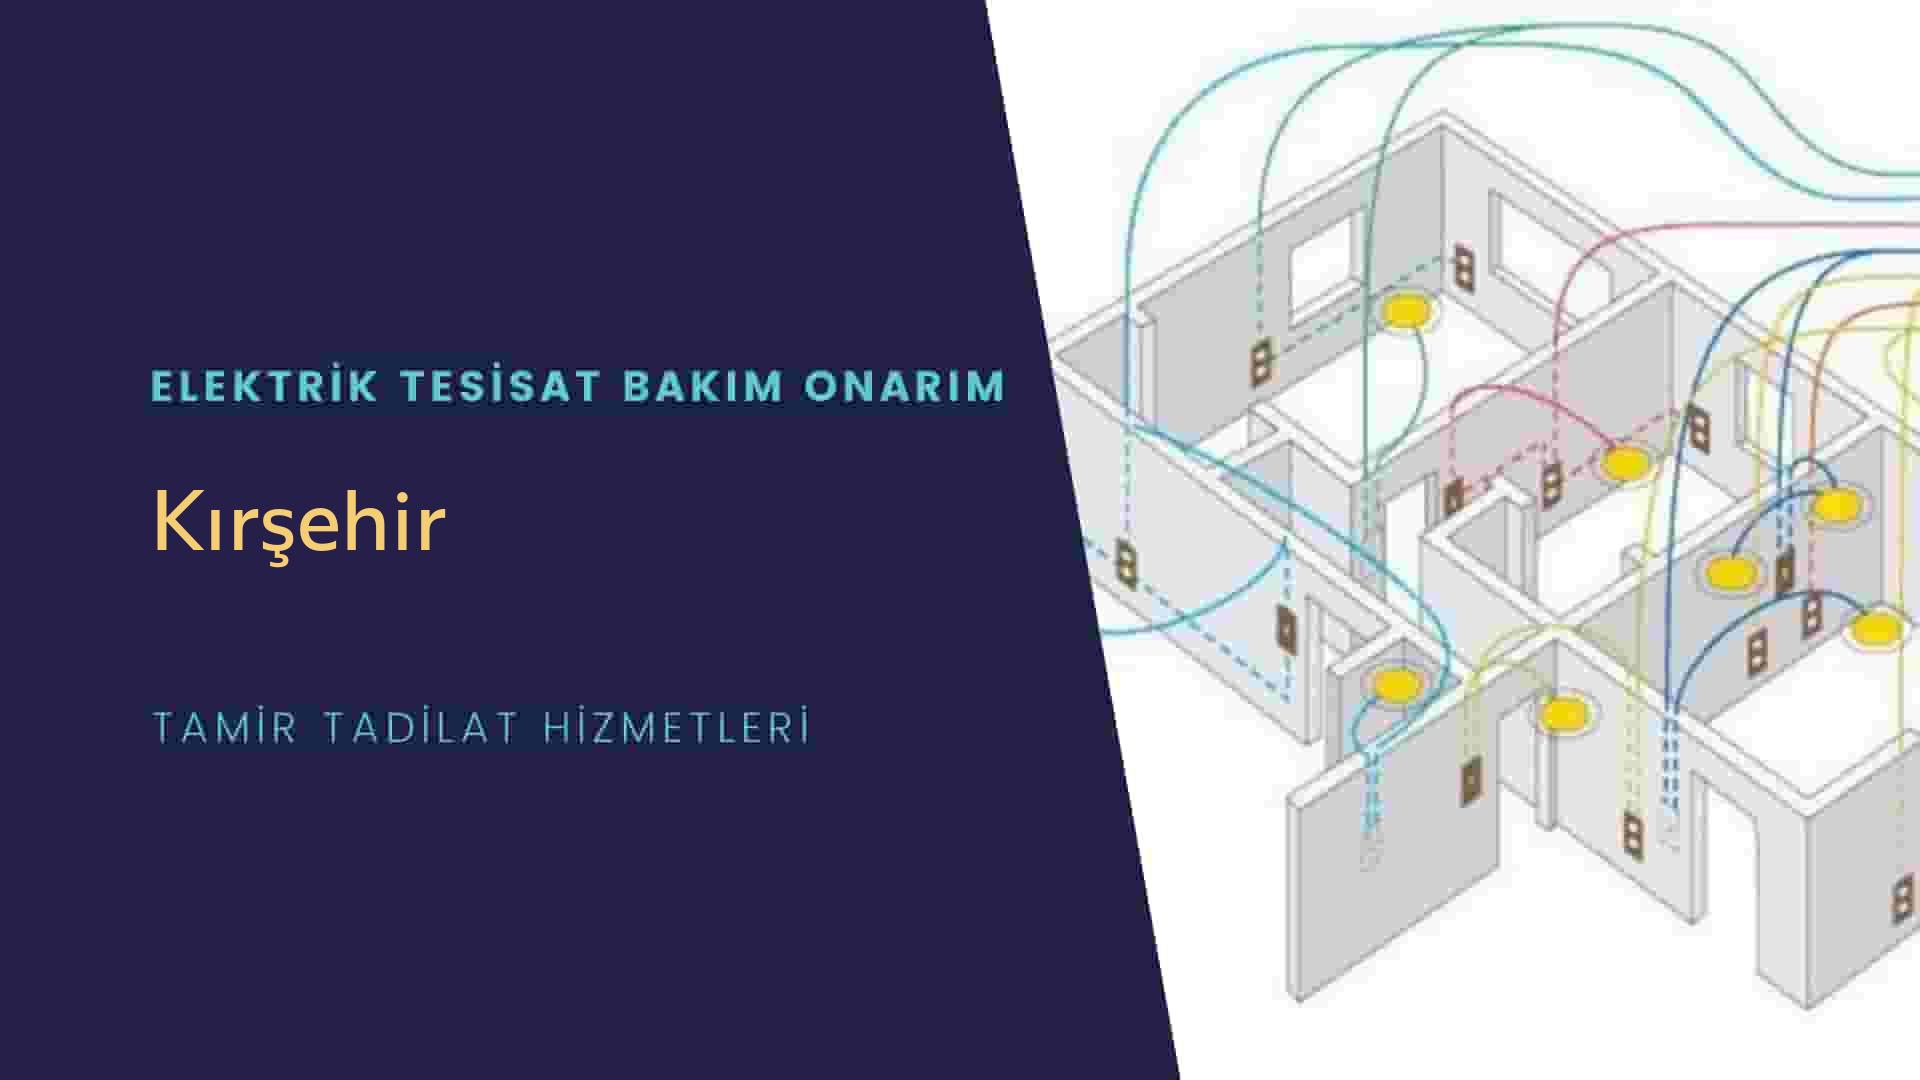 Kırşehir'de elektrik tesisatıustalarımı arıyorsunuz doğru adrestenizi Kırşehir elektrik tesisatı ustalarımız 7/24 sizlere hizmet vermekten mutluluk duyar.